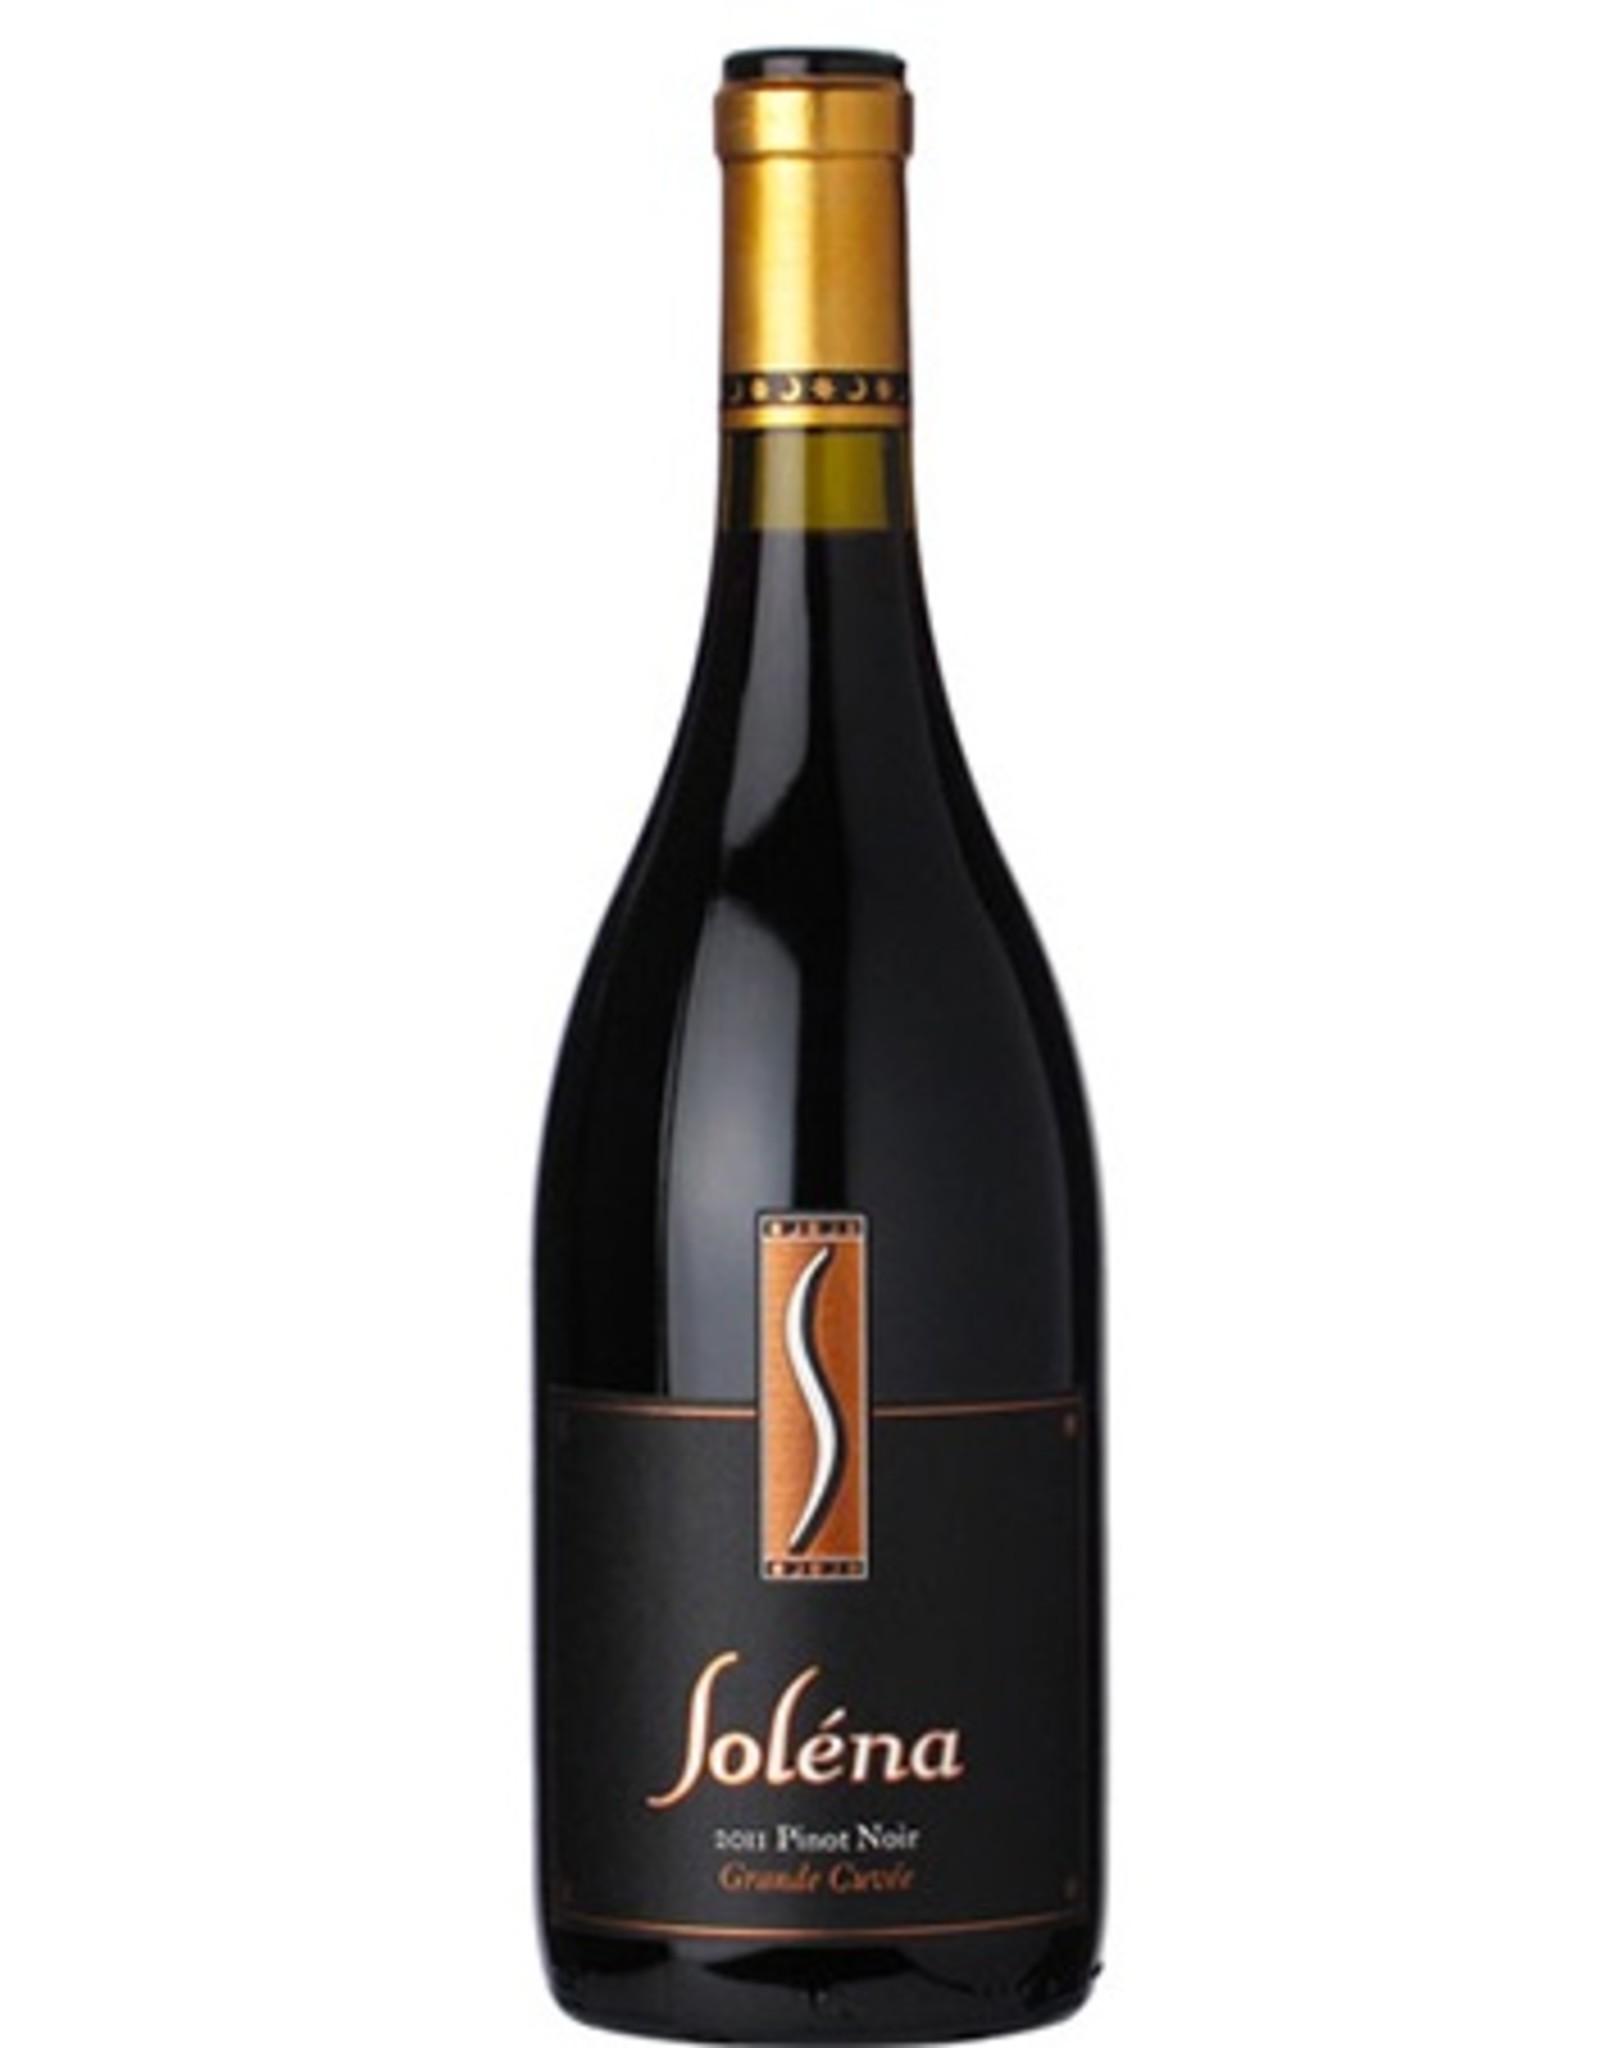 Solena Solena Pinot Noir Grand Cuvee 2018